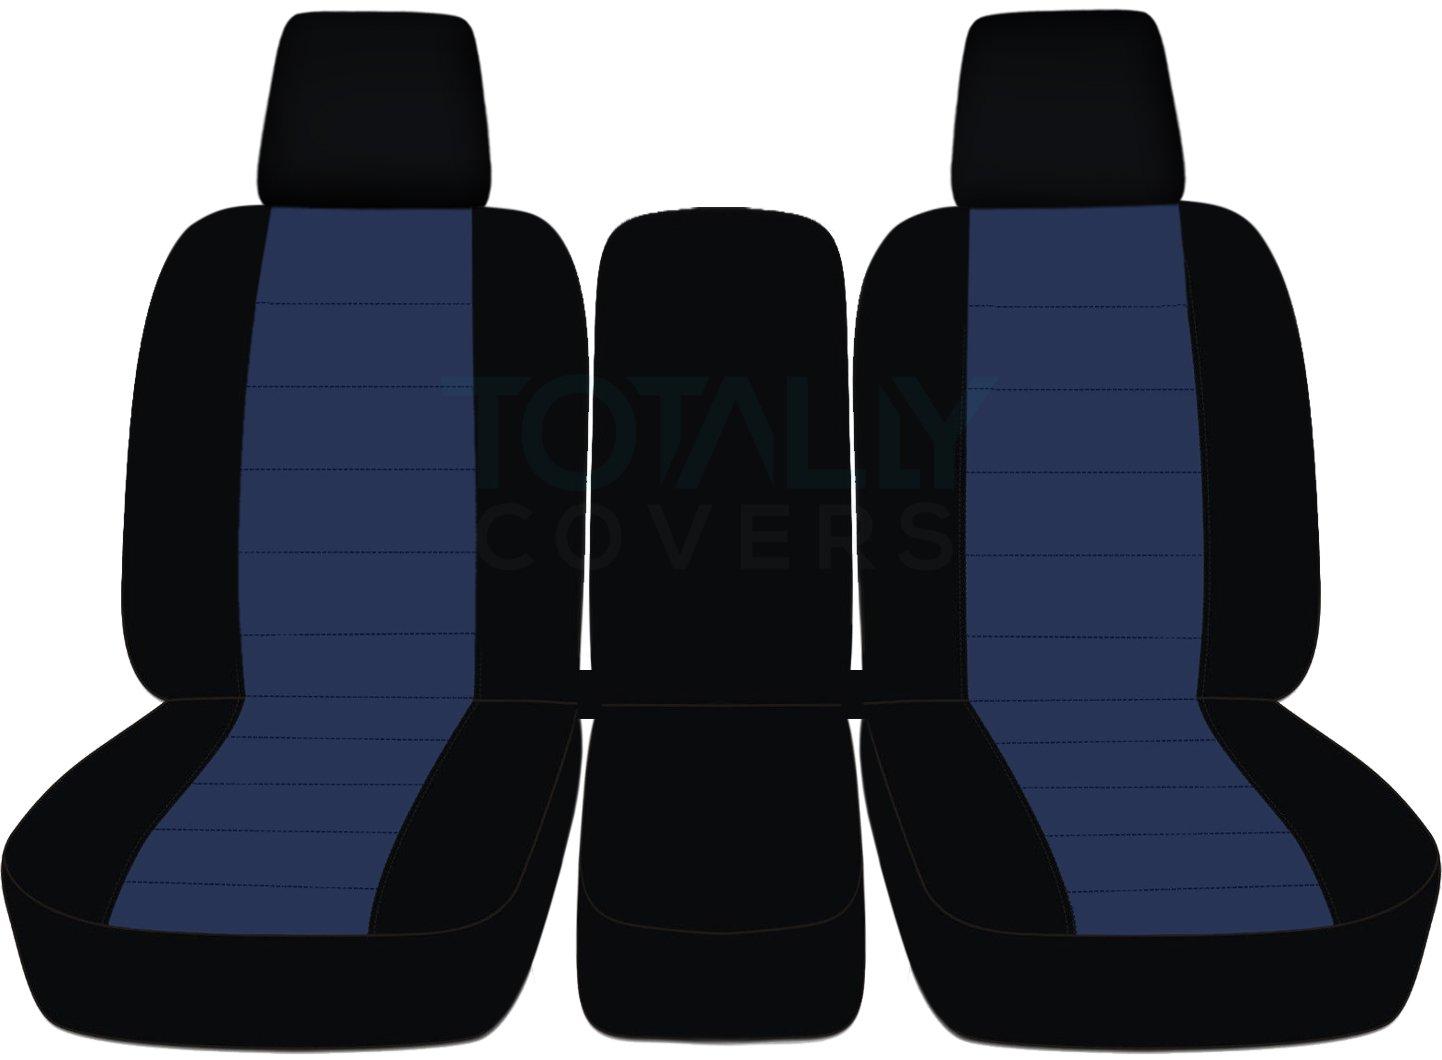 2004 – 2008フォードF - 150ツートンカラートラックシートカバー(フロント40 / 20 / 40分割ベンチ) センターコンソール/アームレスト、W / WO、シートベルト – フロント( 21色) 2005 2006 2007 Fシリーズf150 (右ハンドル車との互換性は保証いたしかねます) Solid Armrest ブルー TCCSCTT26-64-0408FF150424-SA B06XDVM2J3 Solid Armrest|ブラック/ネイビーブルー ブラック/ネイビーブルー Solid Armrest